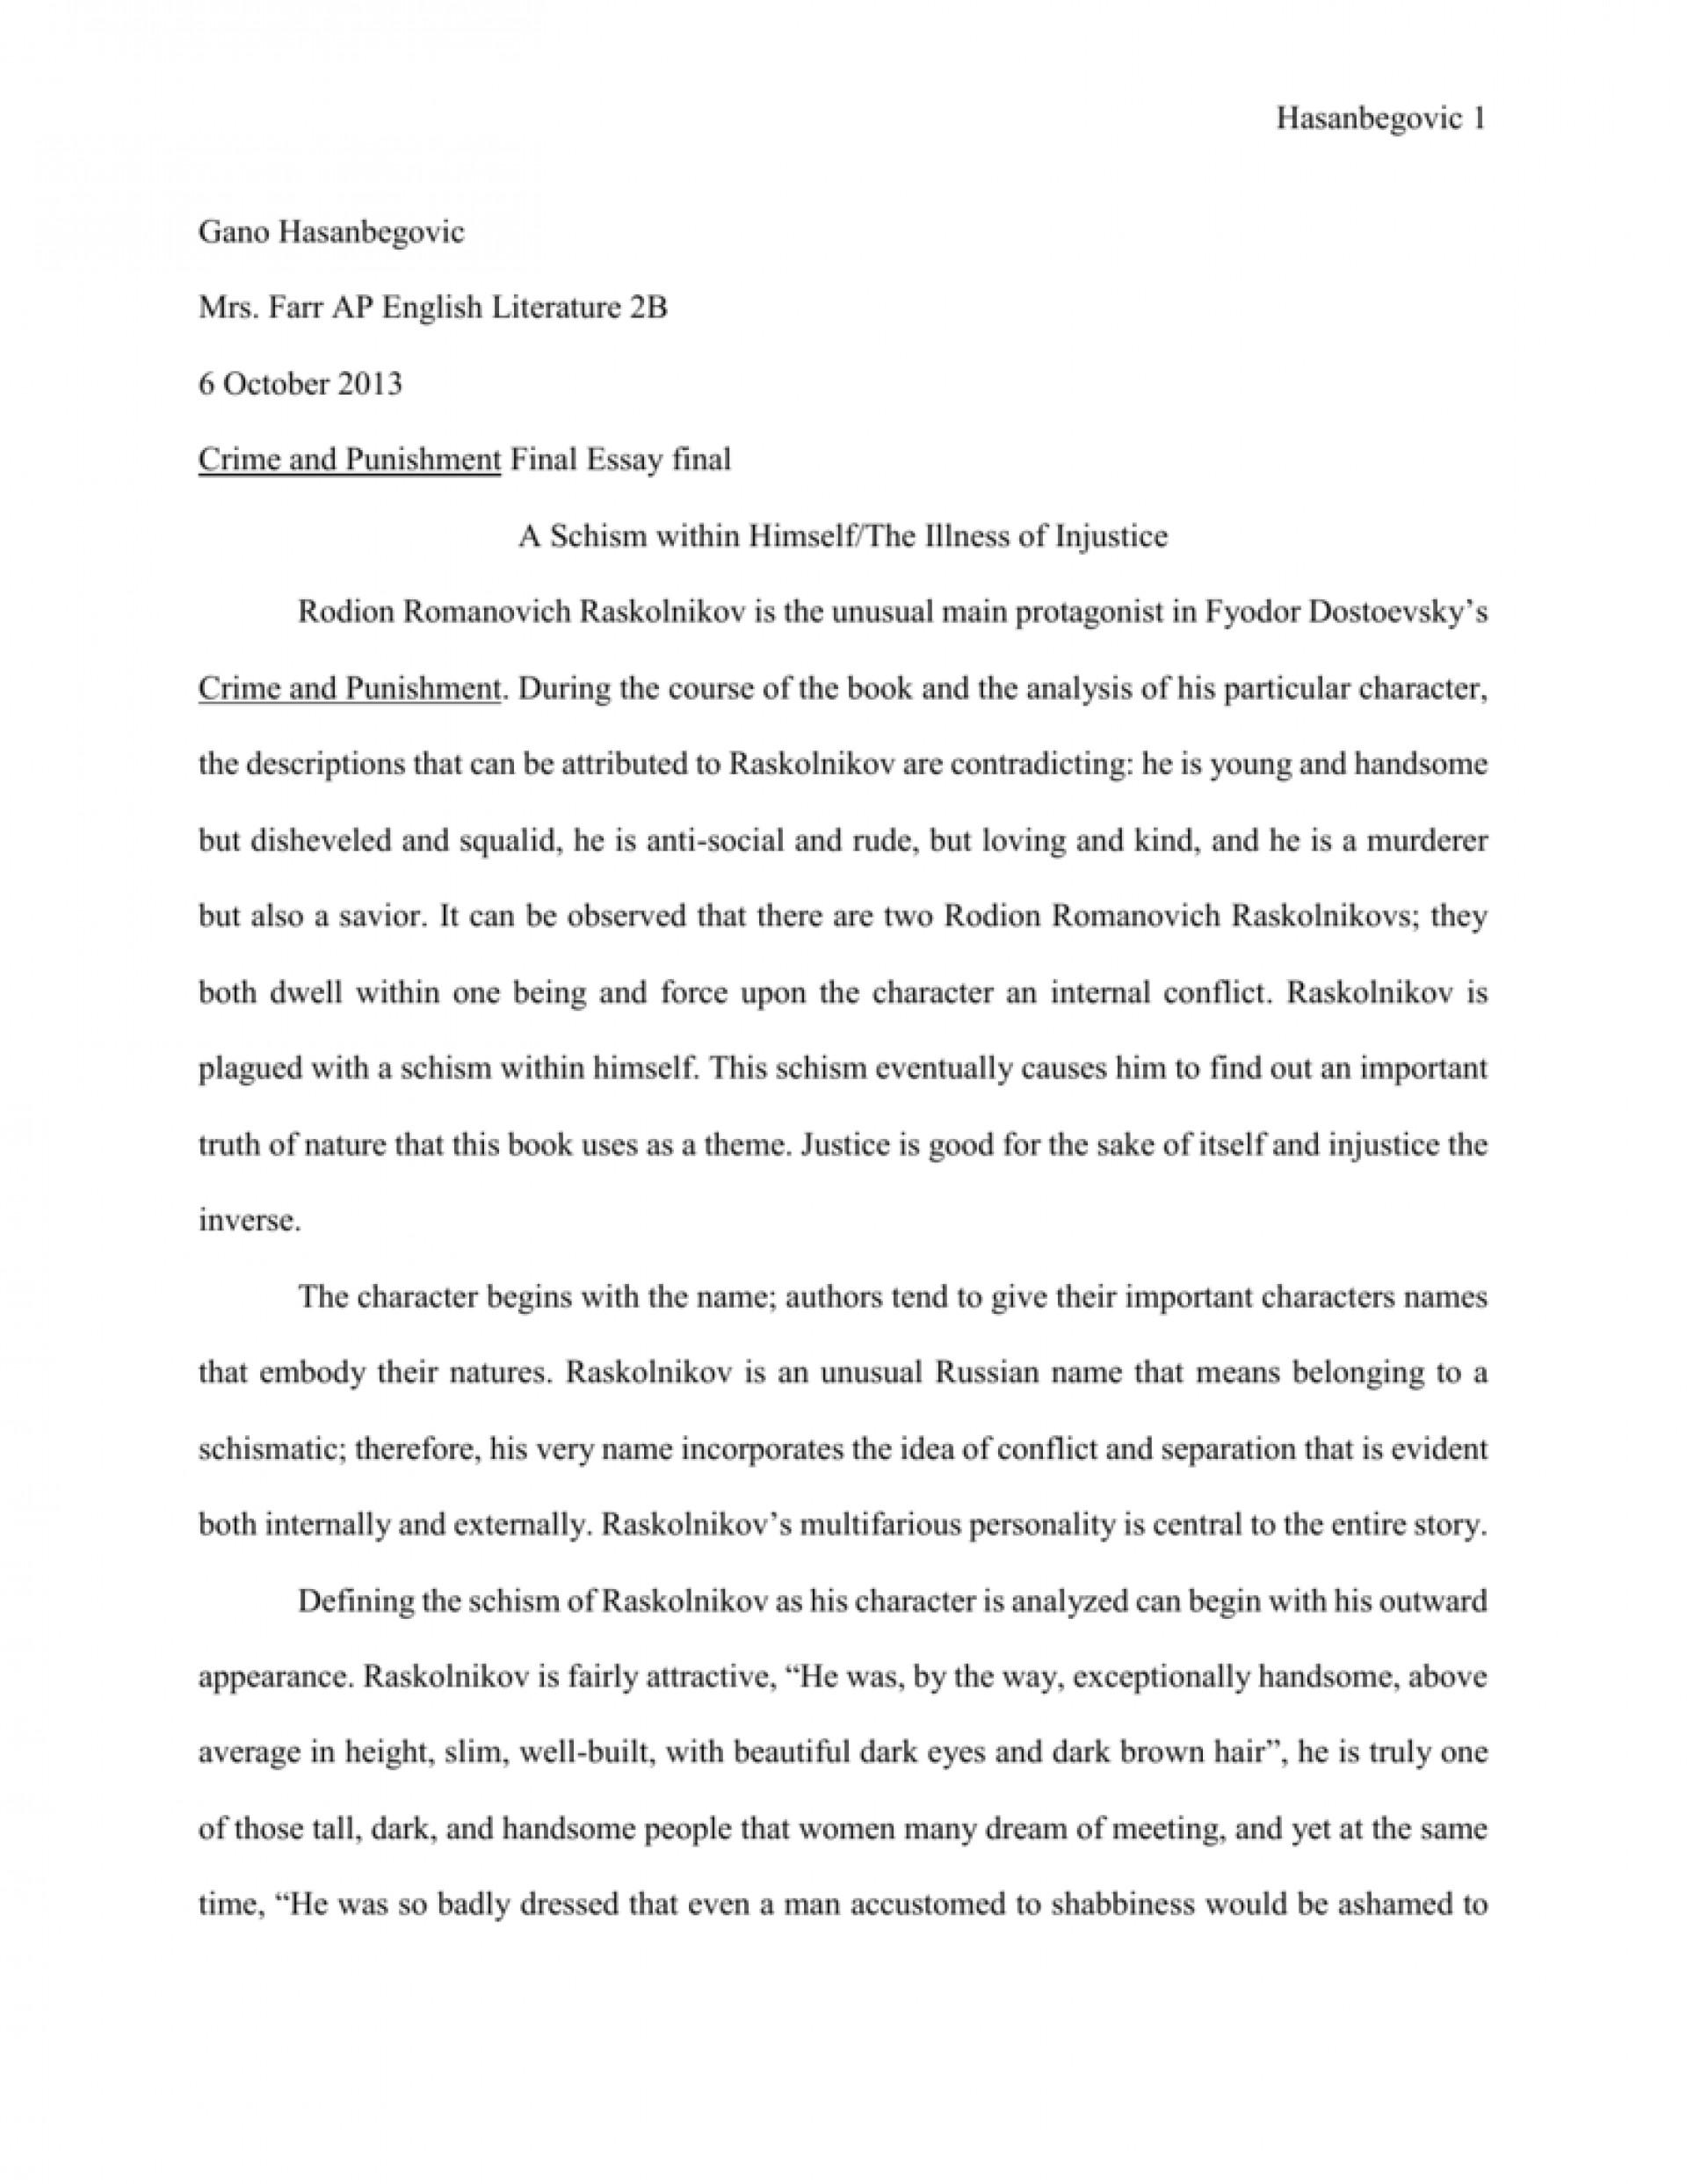 010 Essay Example 006697222 1 Crime And Wondrous Punishment Outline Pdf Ielts 1920